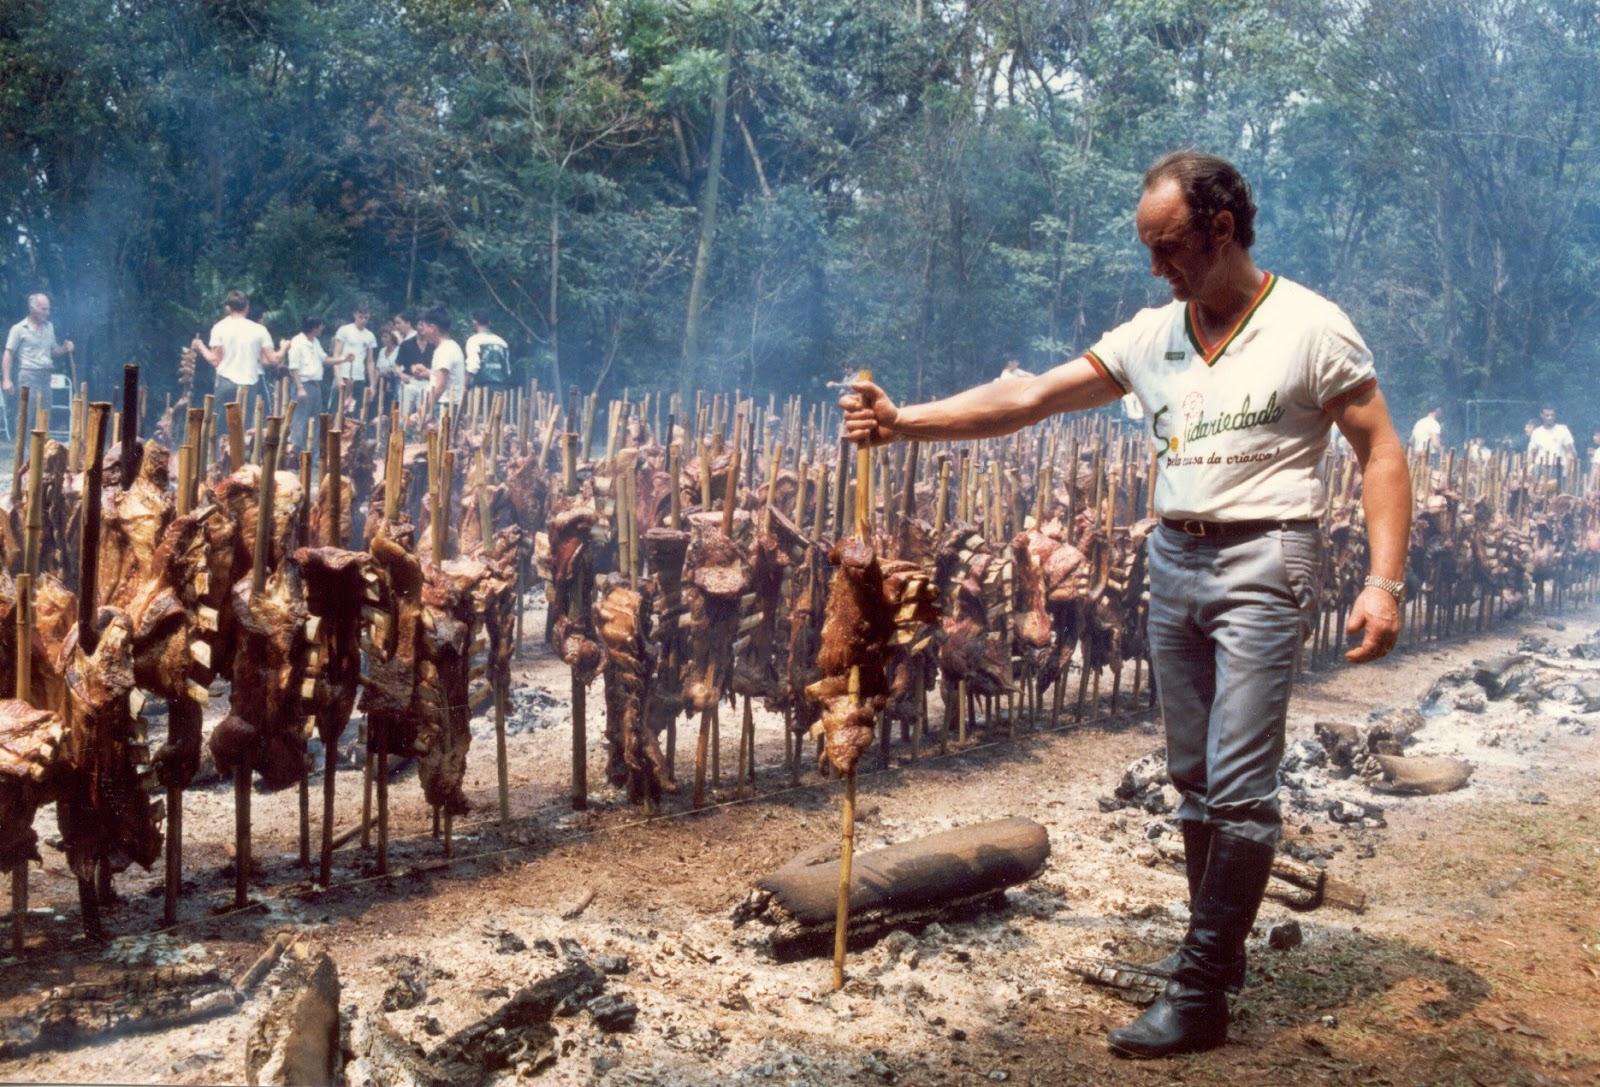 Grande churrasco no Parque do Ingá - Anos 1980